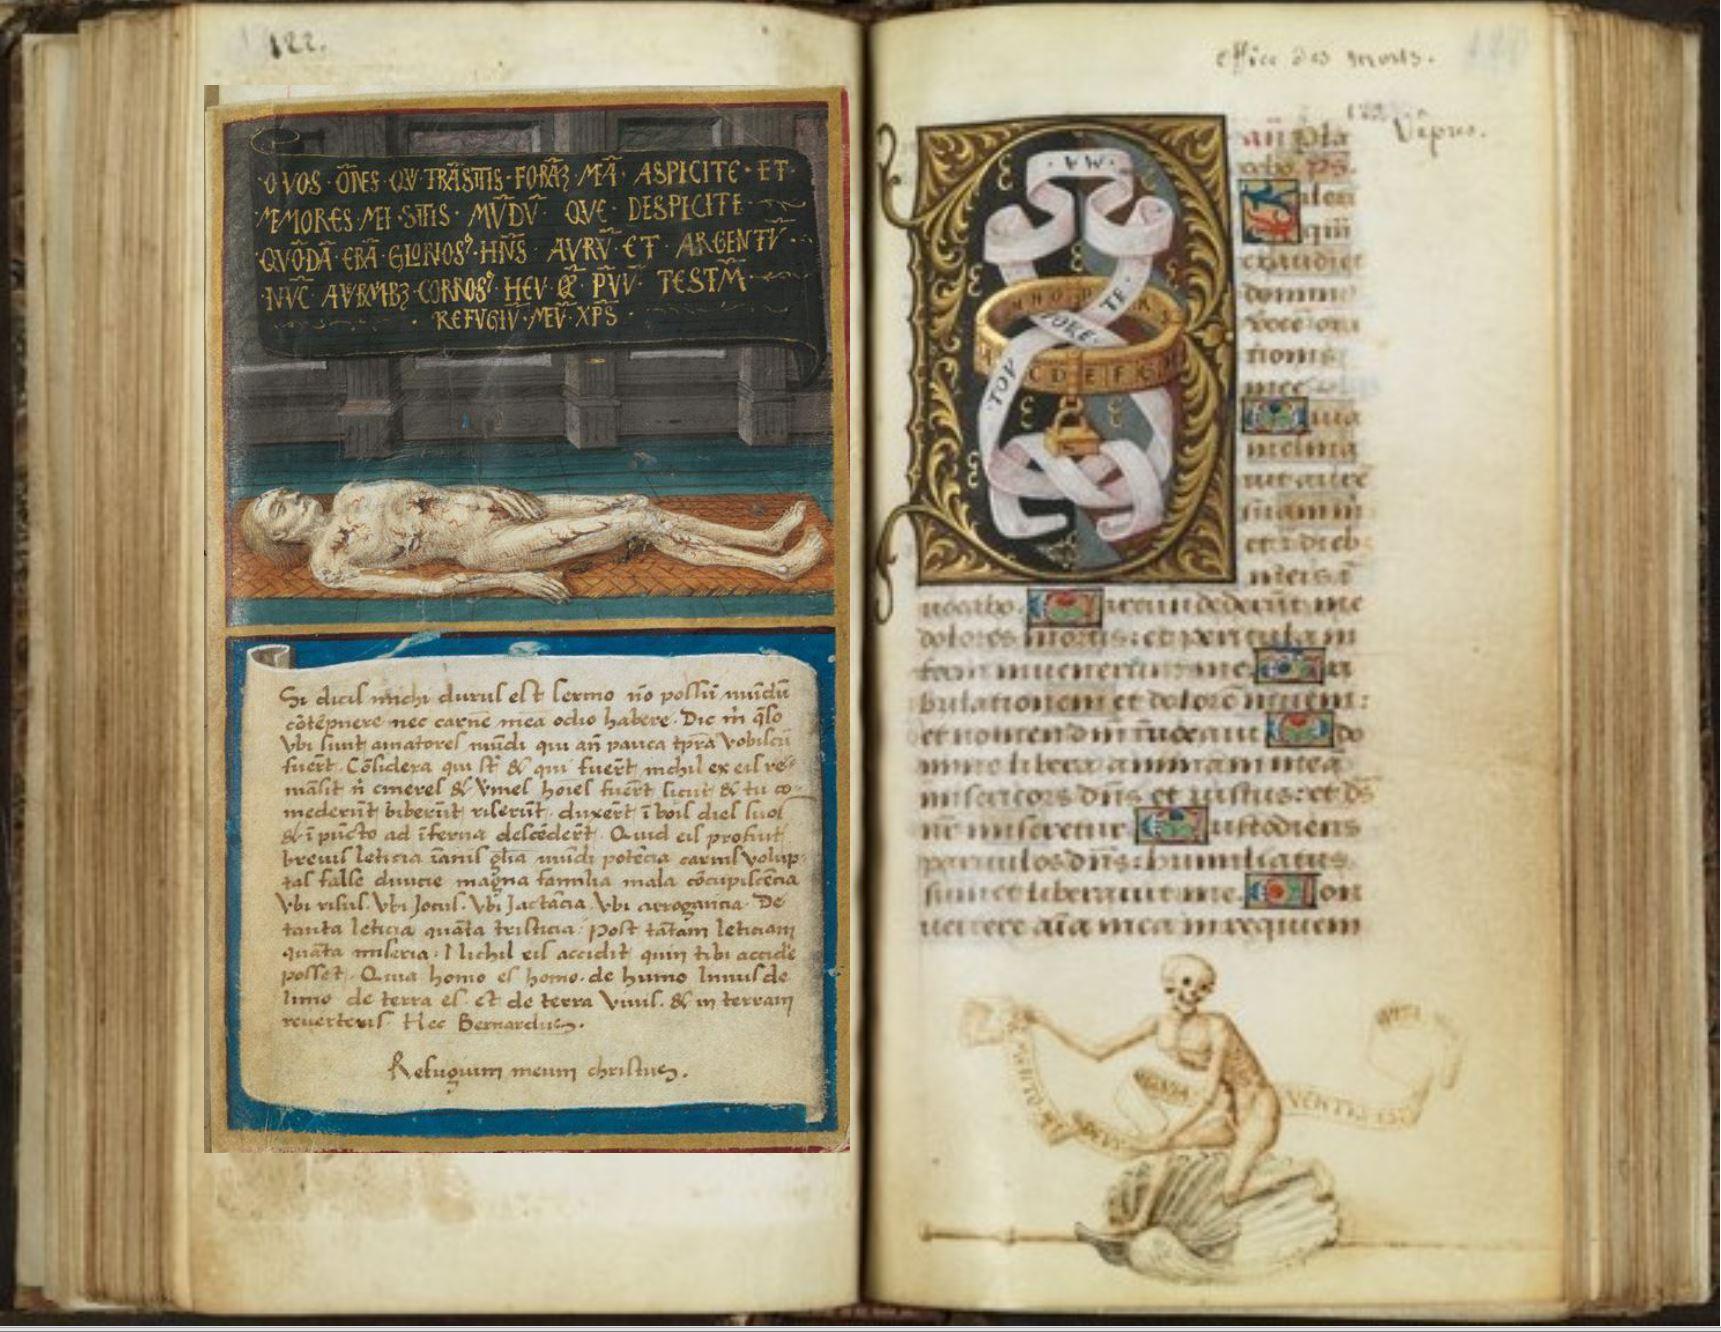 otheque de l'Ecole des Beaux-Arts, Ms.Mas 0137 p 122-23